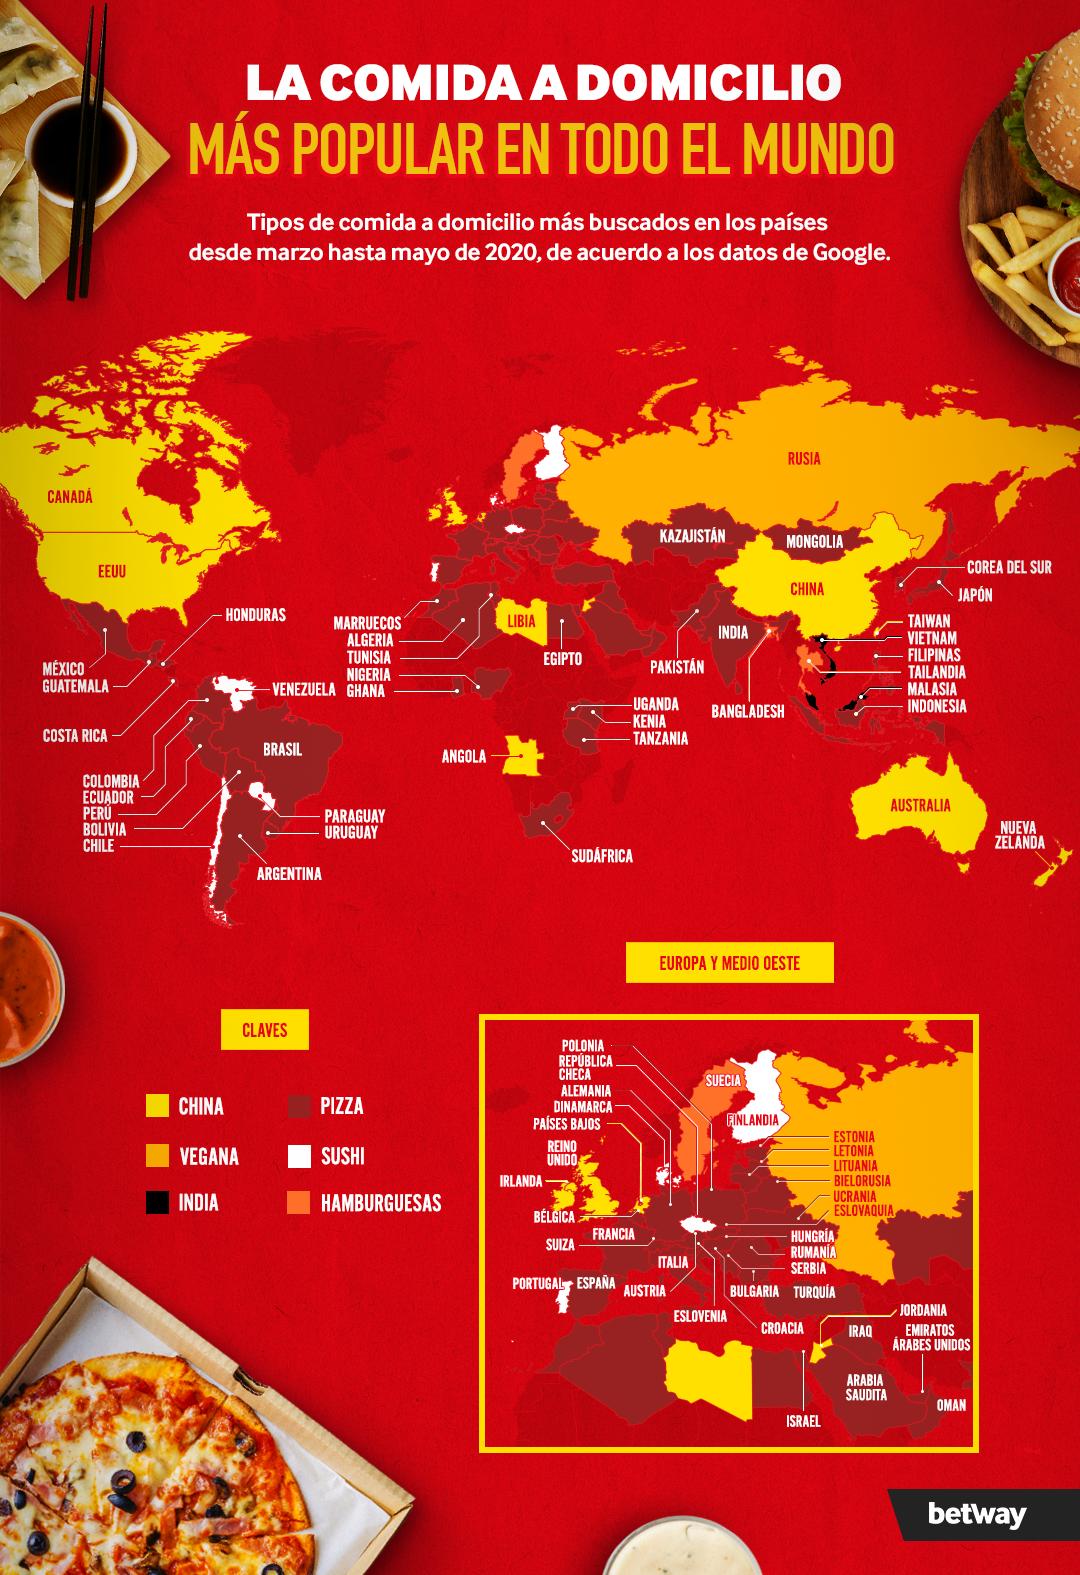 La comida a domicilio mas popular en todo el mundo